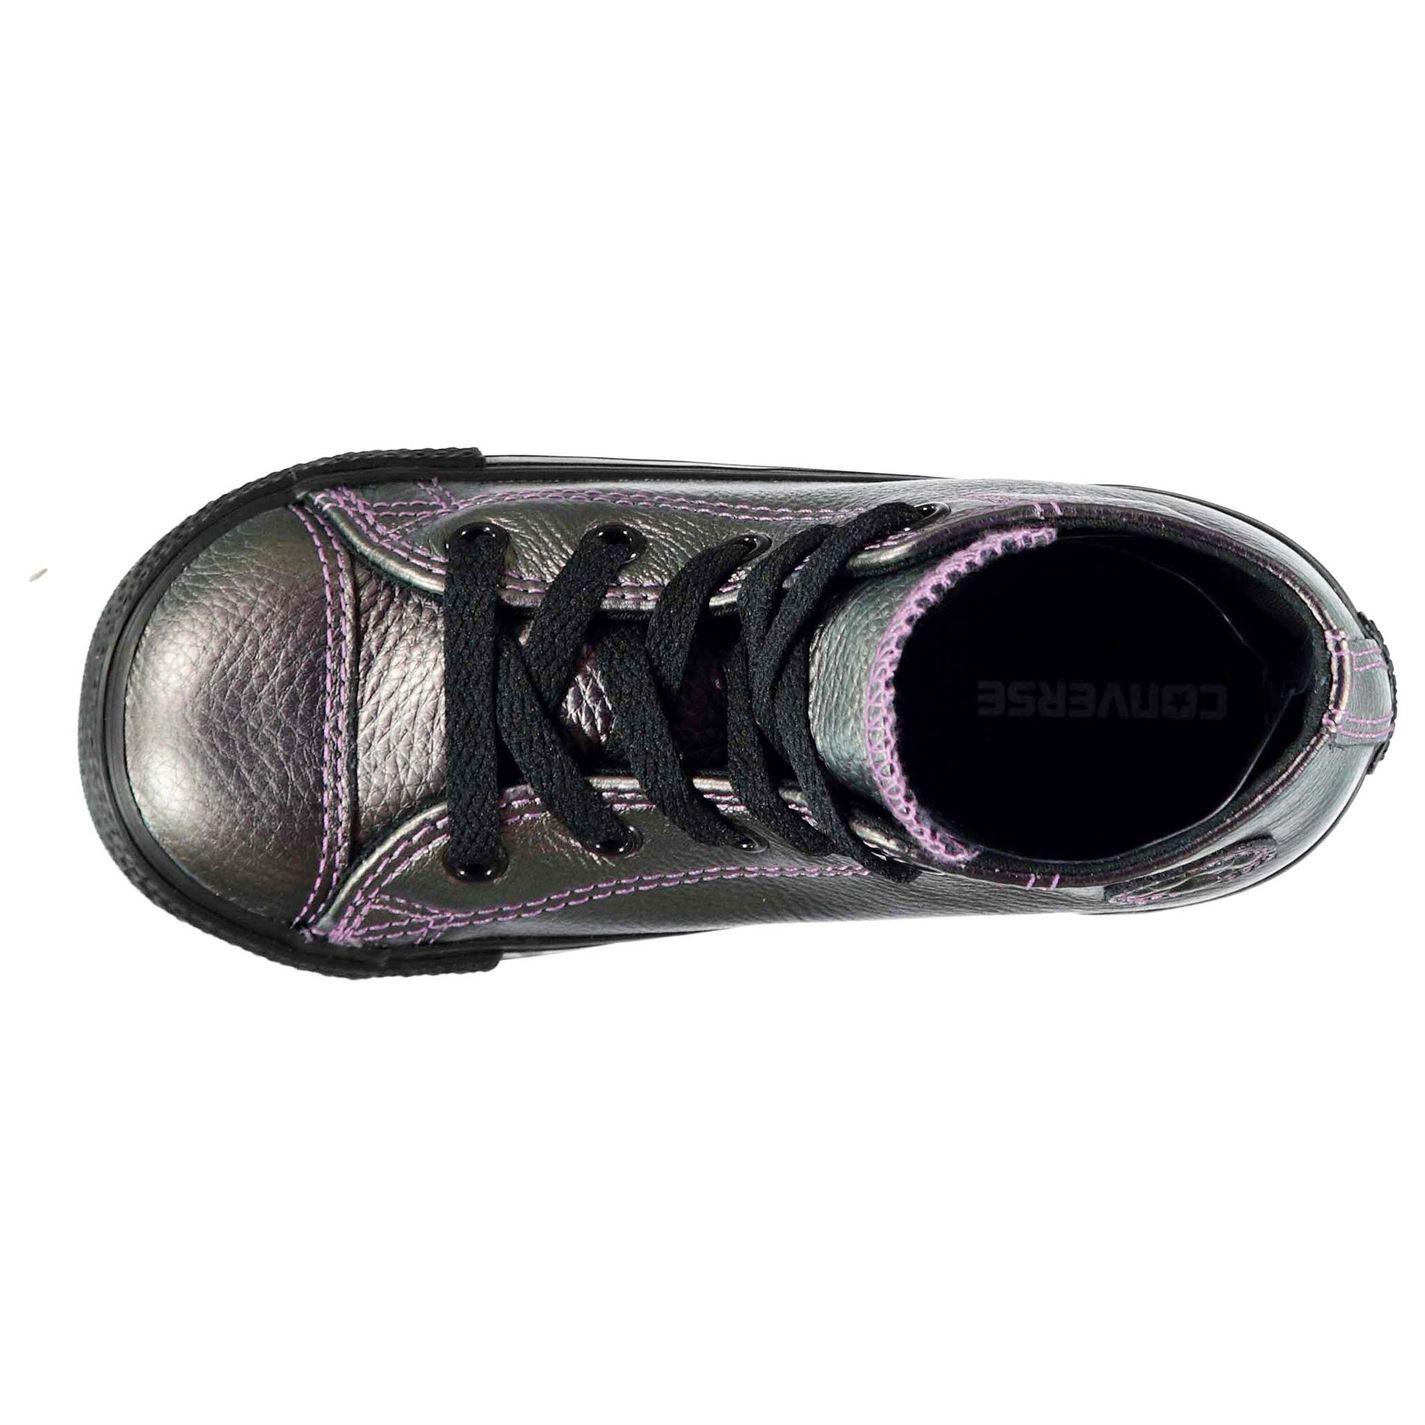 ... CONVERSE Hi Top calzature scarpe neonato formatori Irides ragazze viola  nero 119f5ae0870